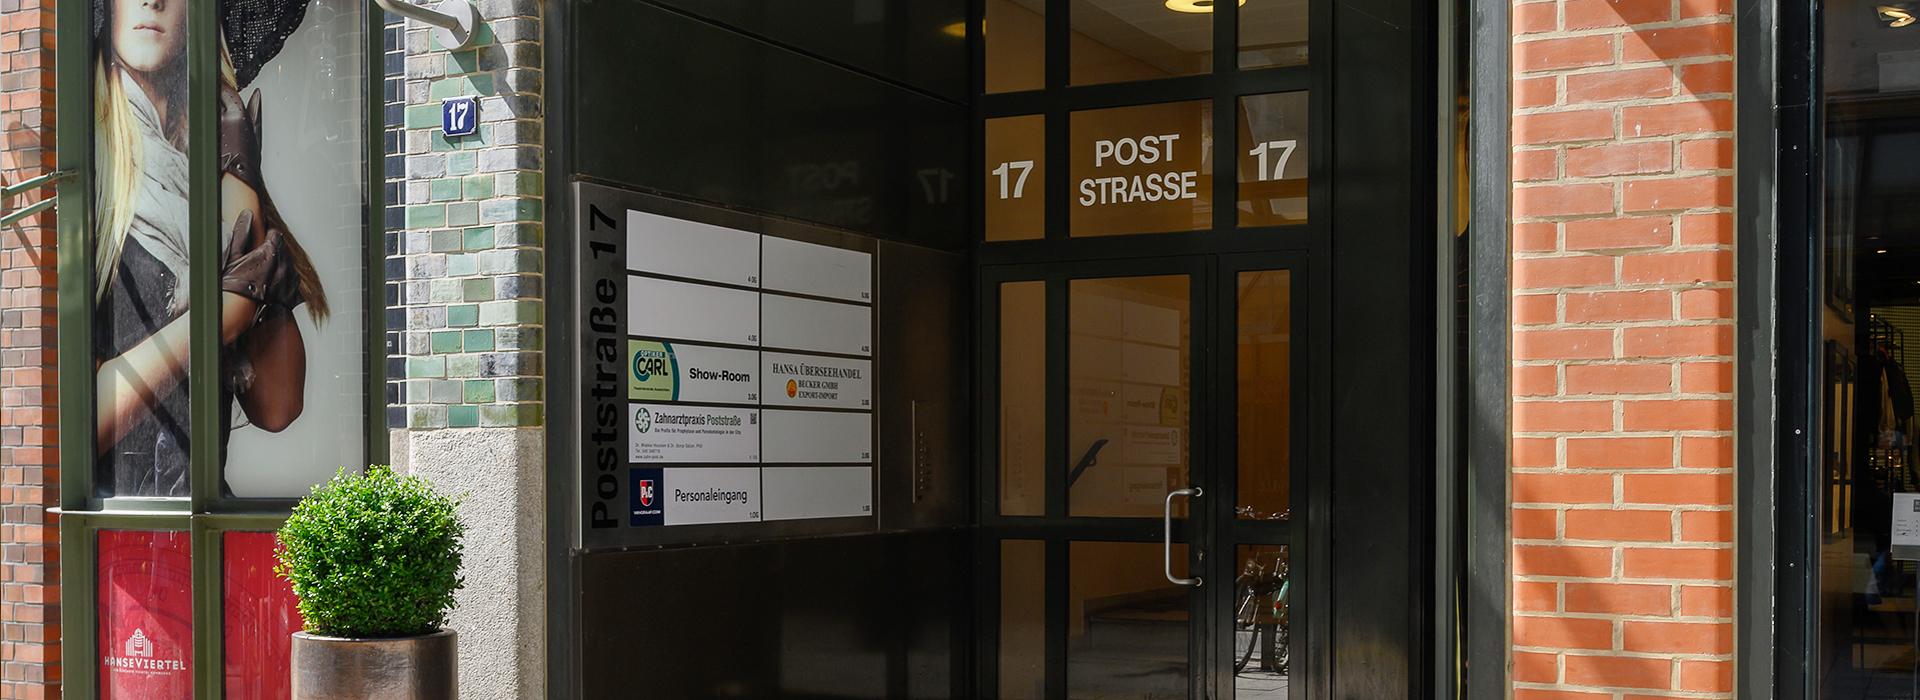 Zahnarztpraxis Poststraße Hamburg - Eingangsbereich Außen